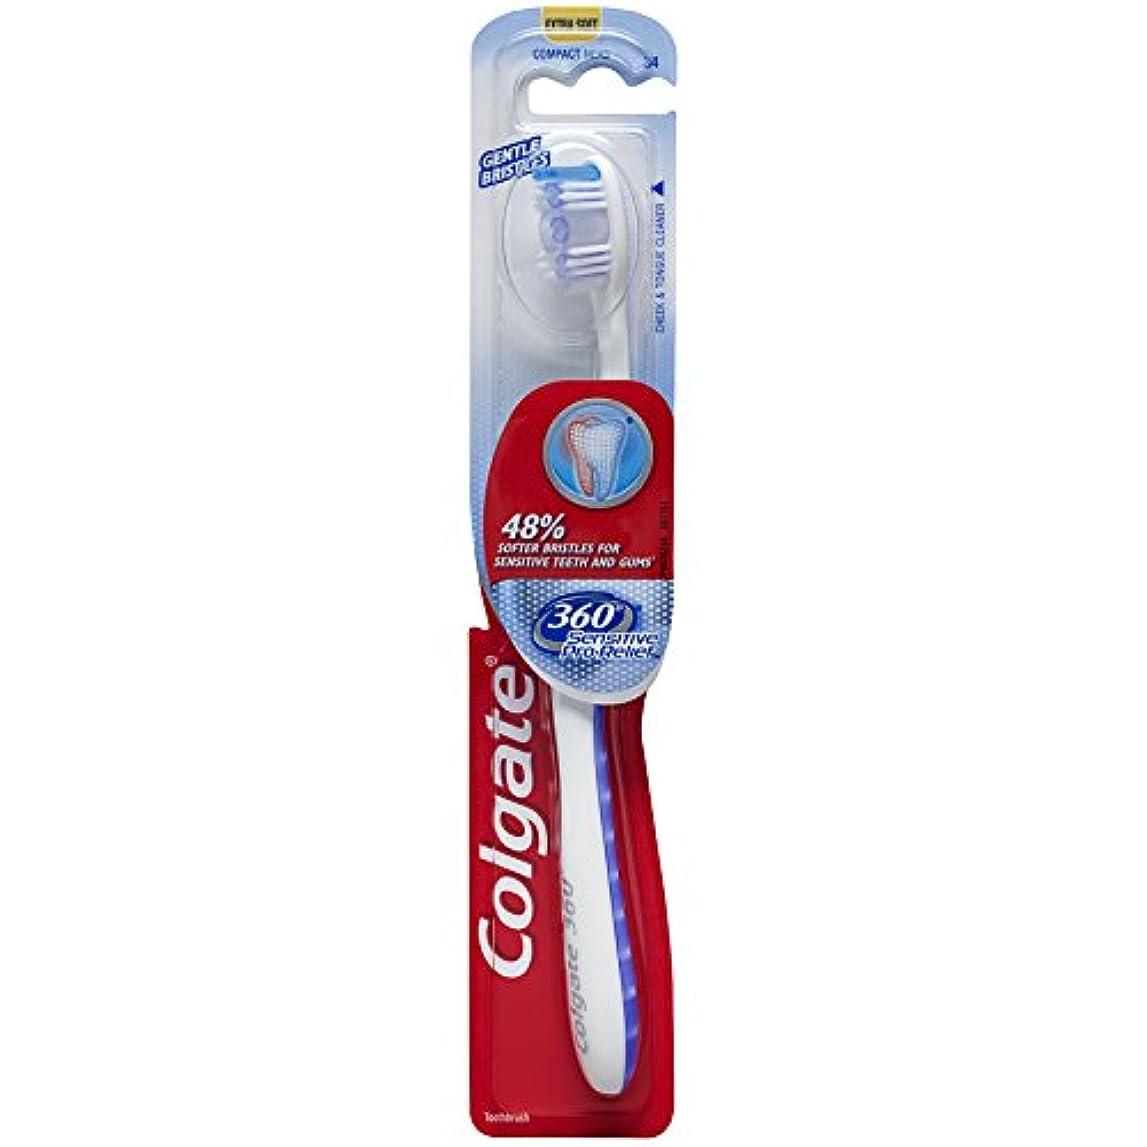 手数料廃棄省Colgate 360機密性の高いプロの救済スリム歯ブラシ、エクストラソフト(色は異なります)